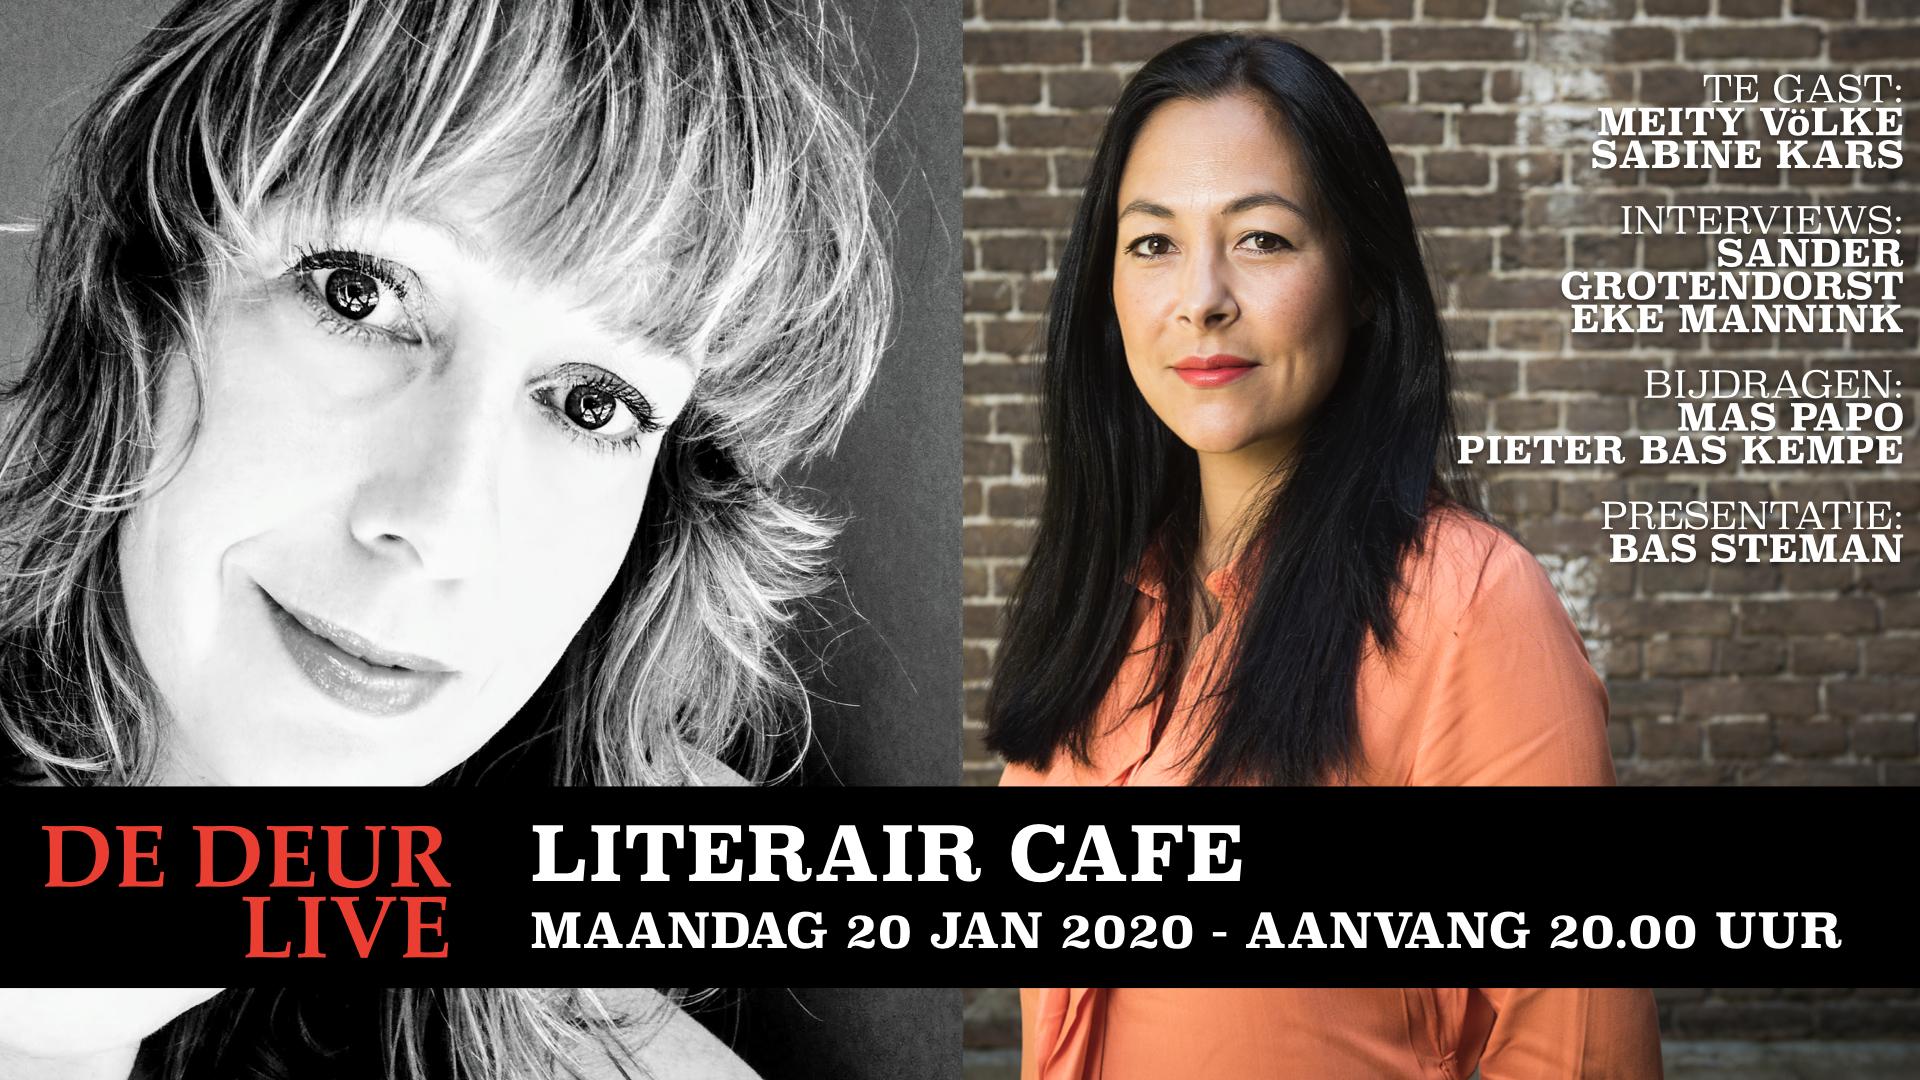 Literair cafe Zutphen